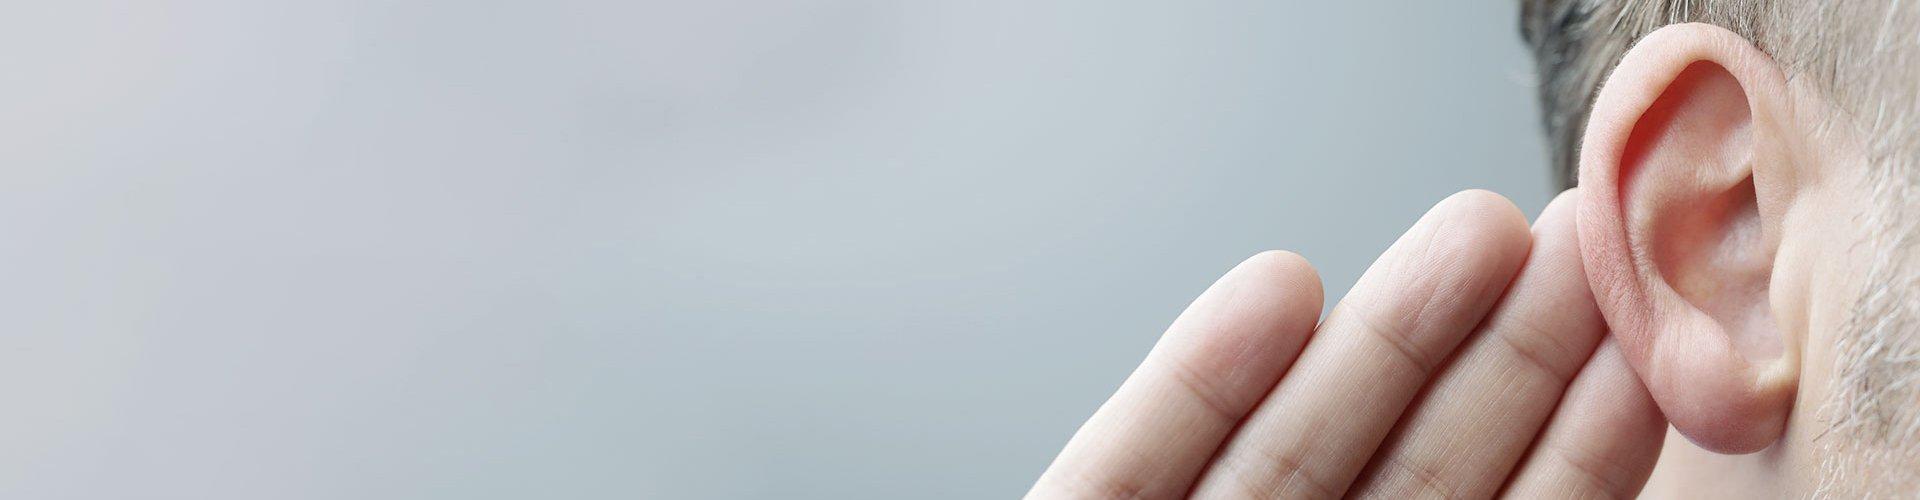 hearing-loss-types-of-hearing-loss-1920x500